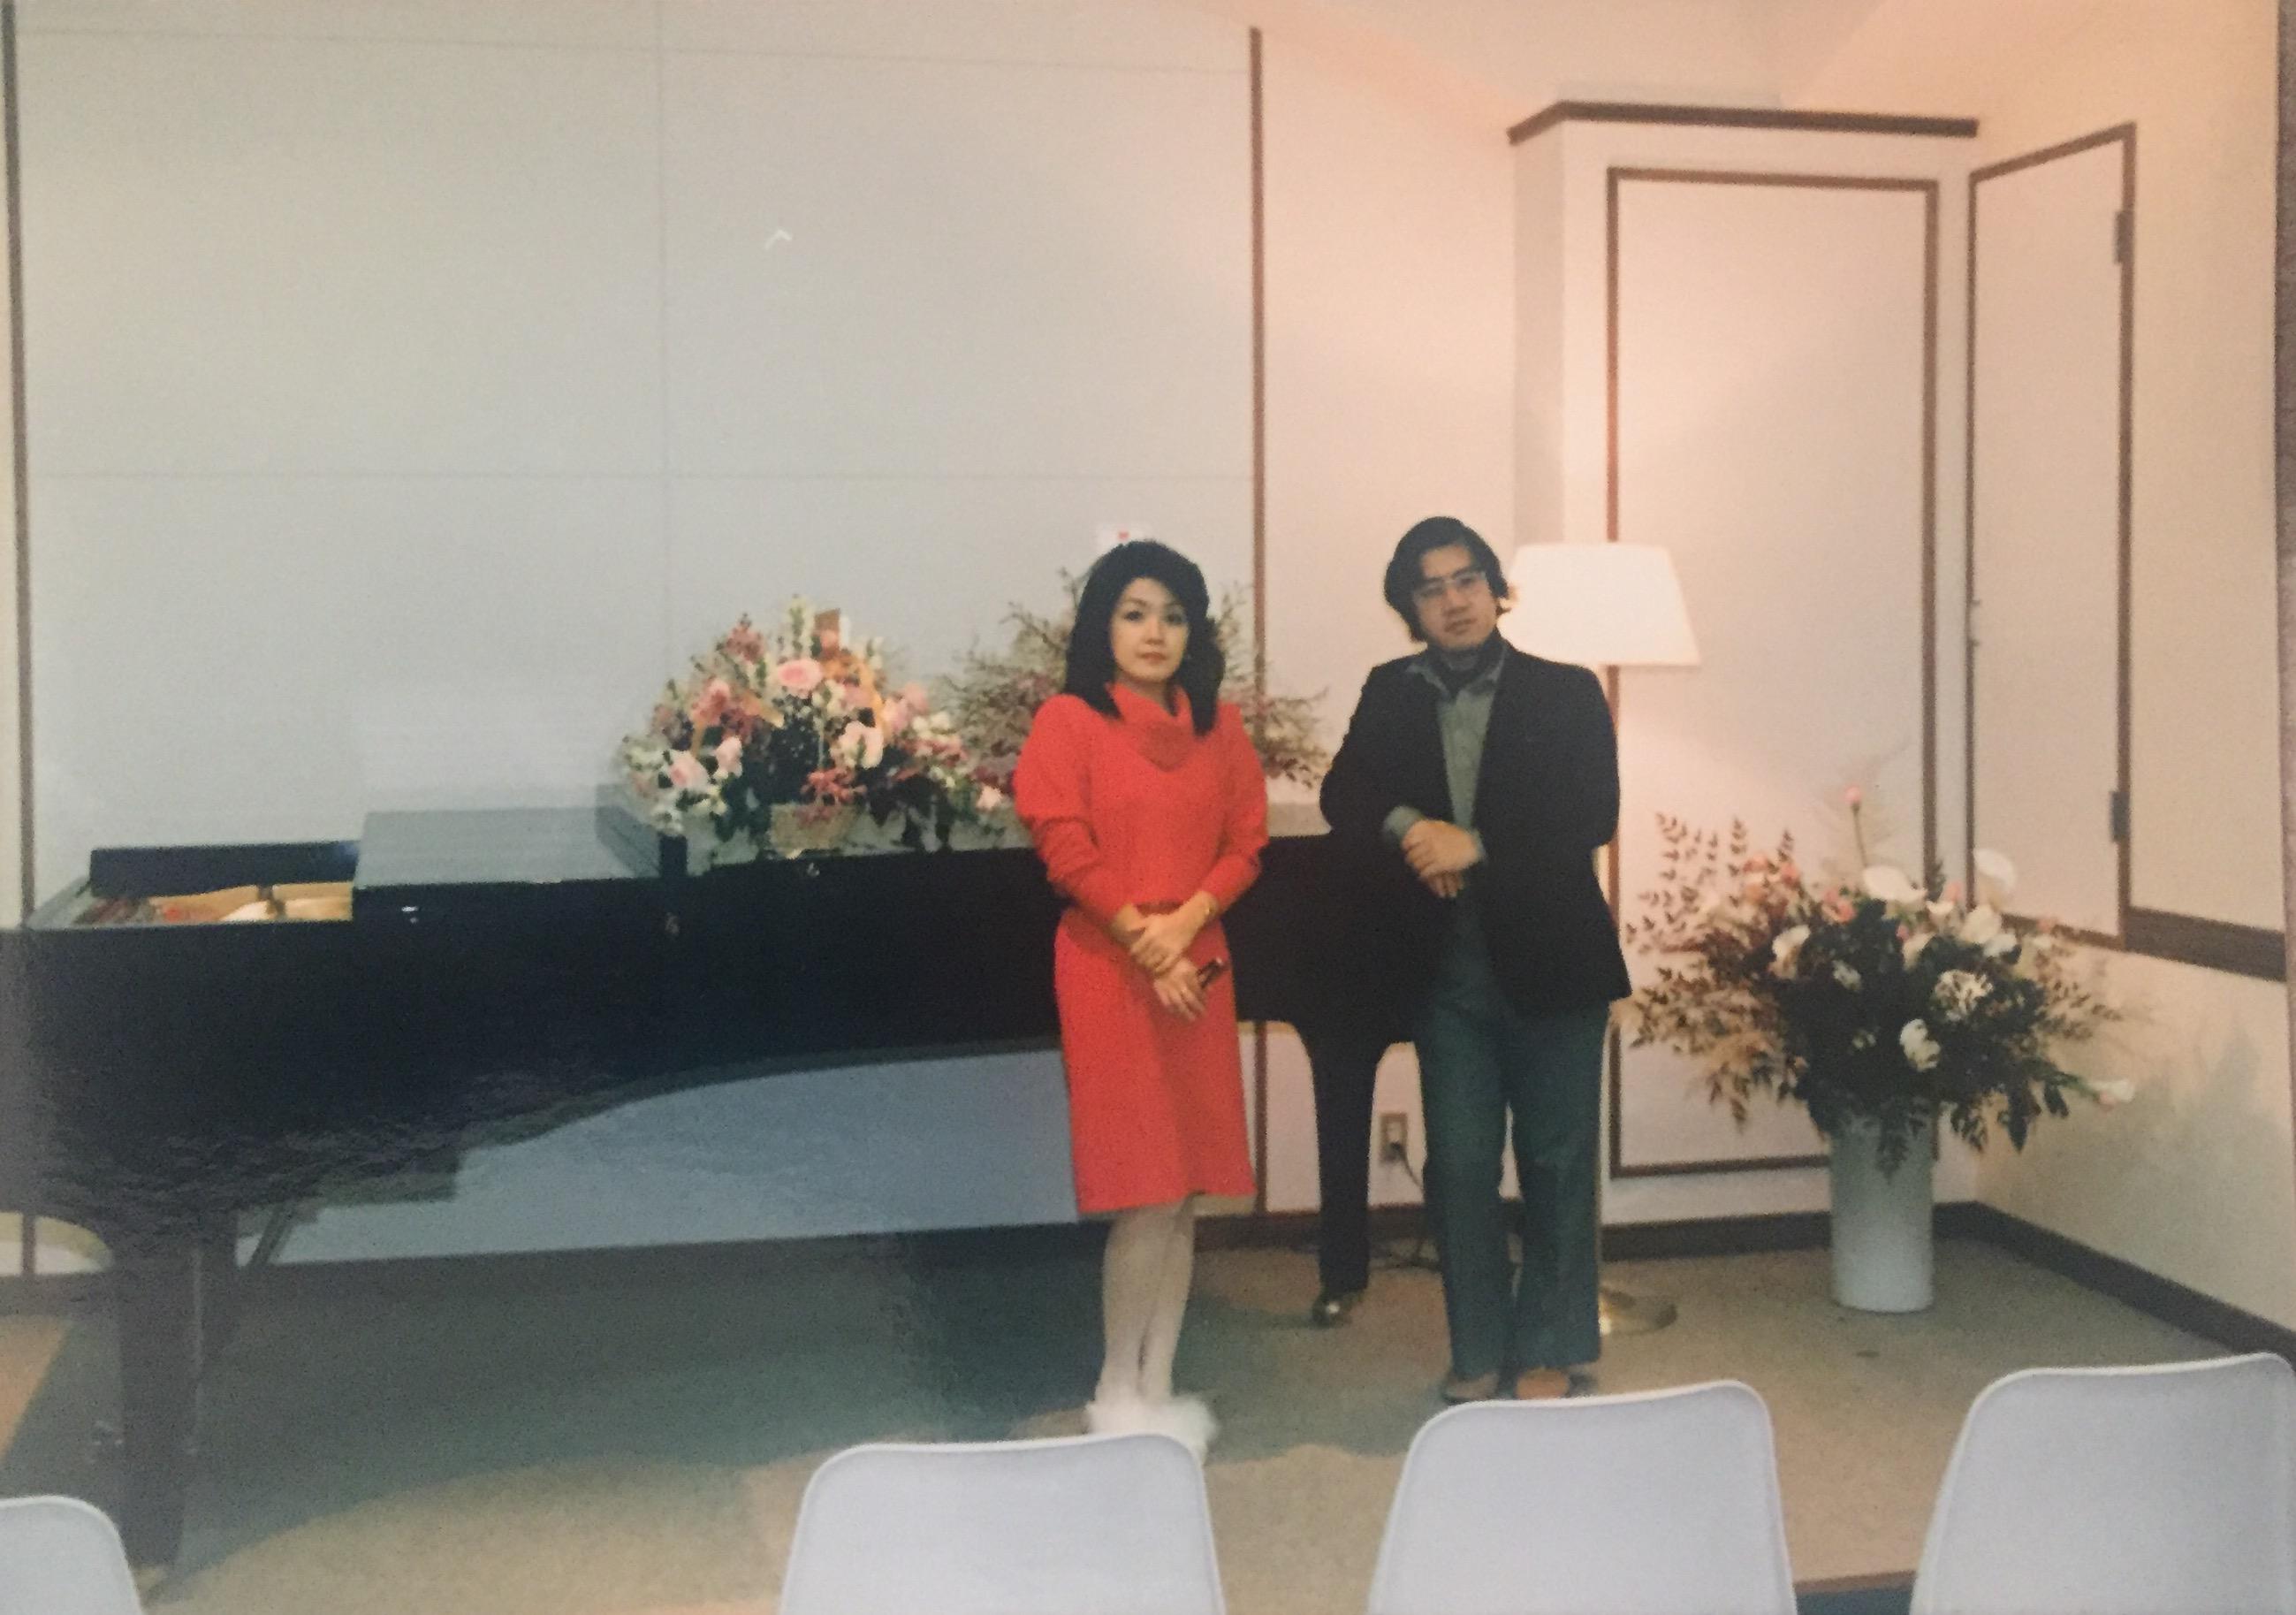 オープニングセレモニーを終えた後の院長と陽子先生。カノンホールにて。